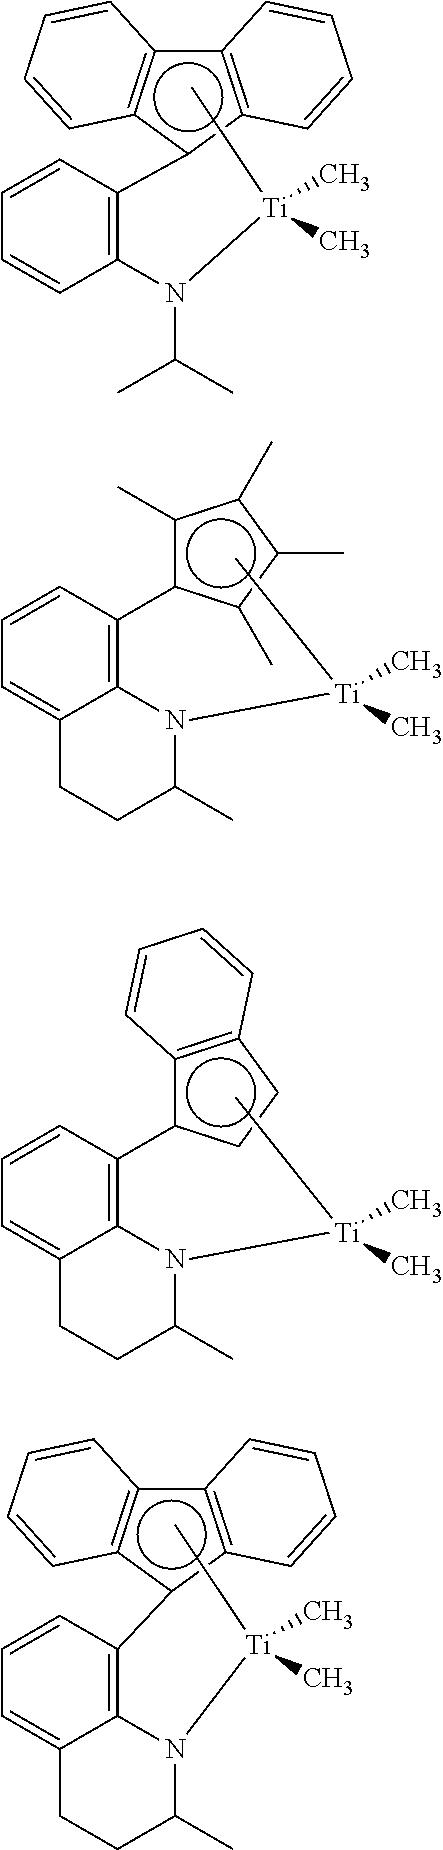 Figure US20110177935A1-20110721-C00034